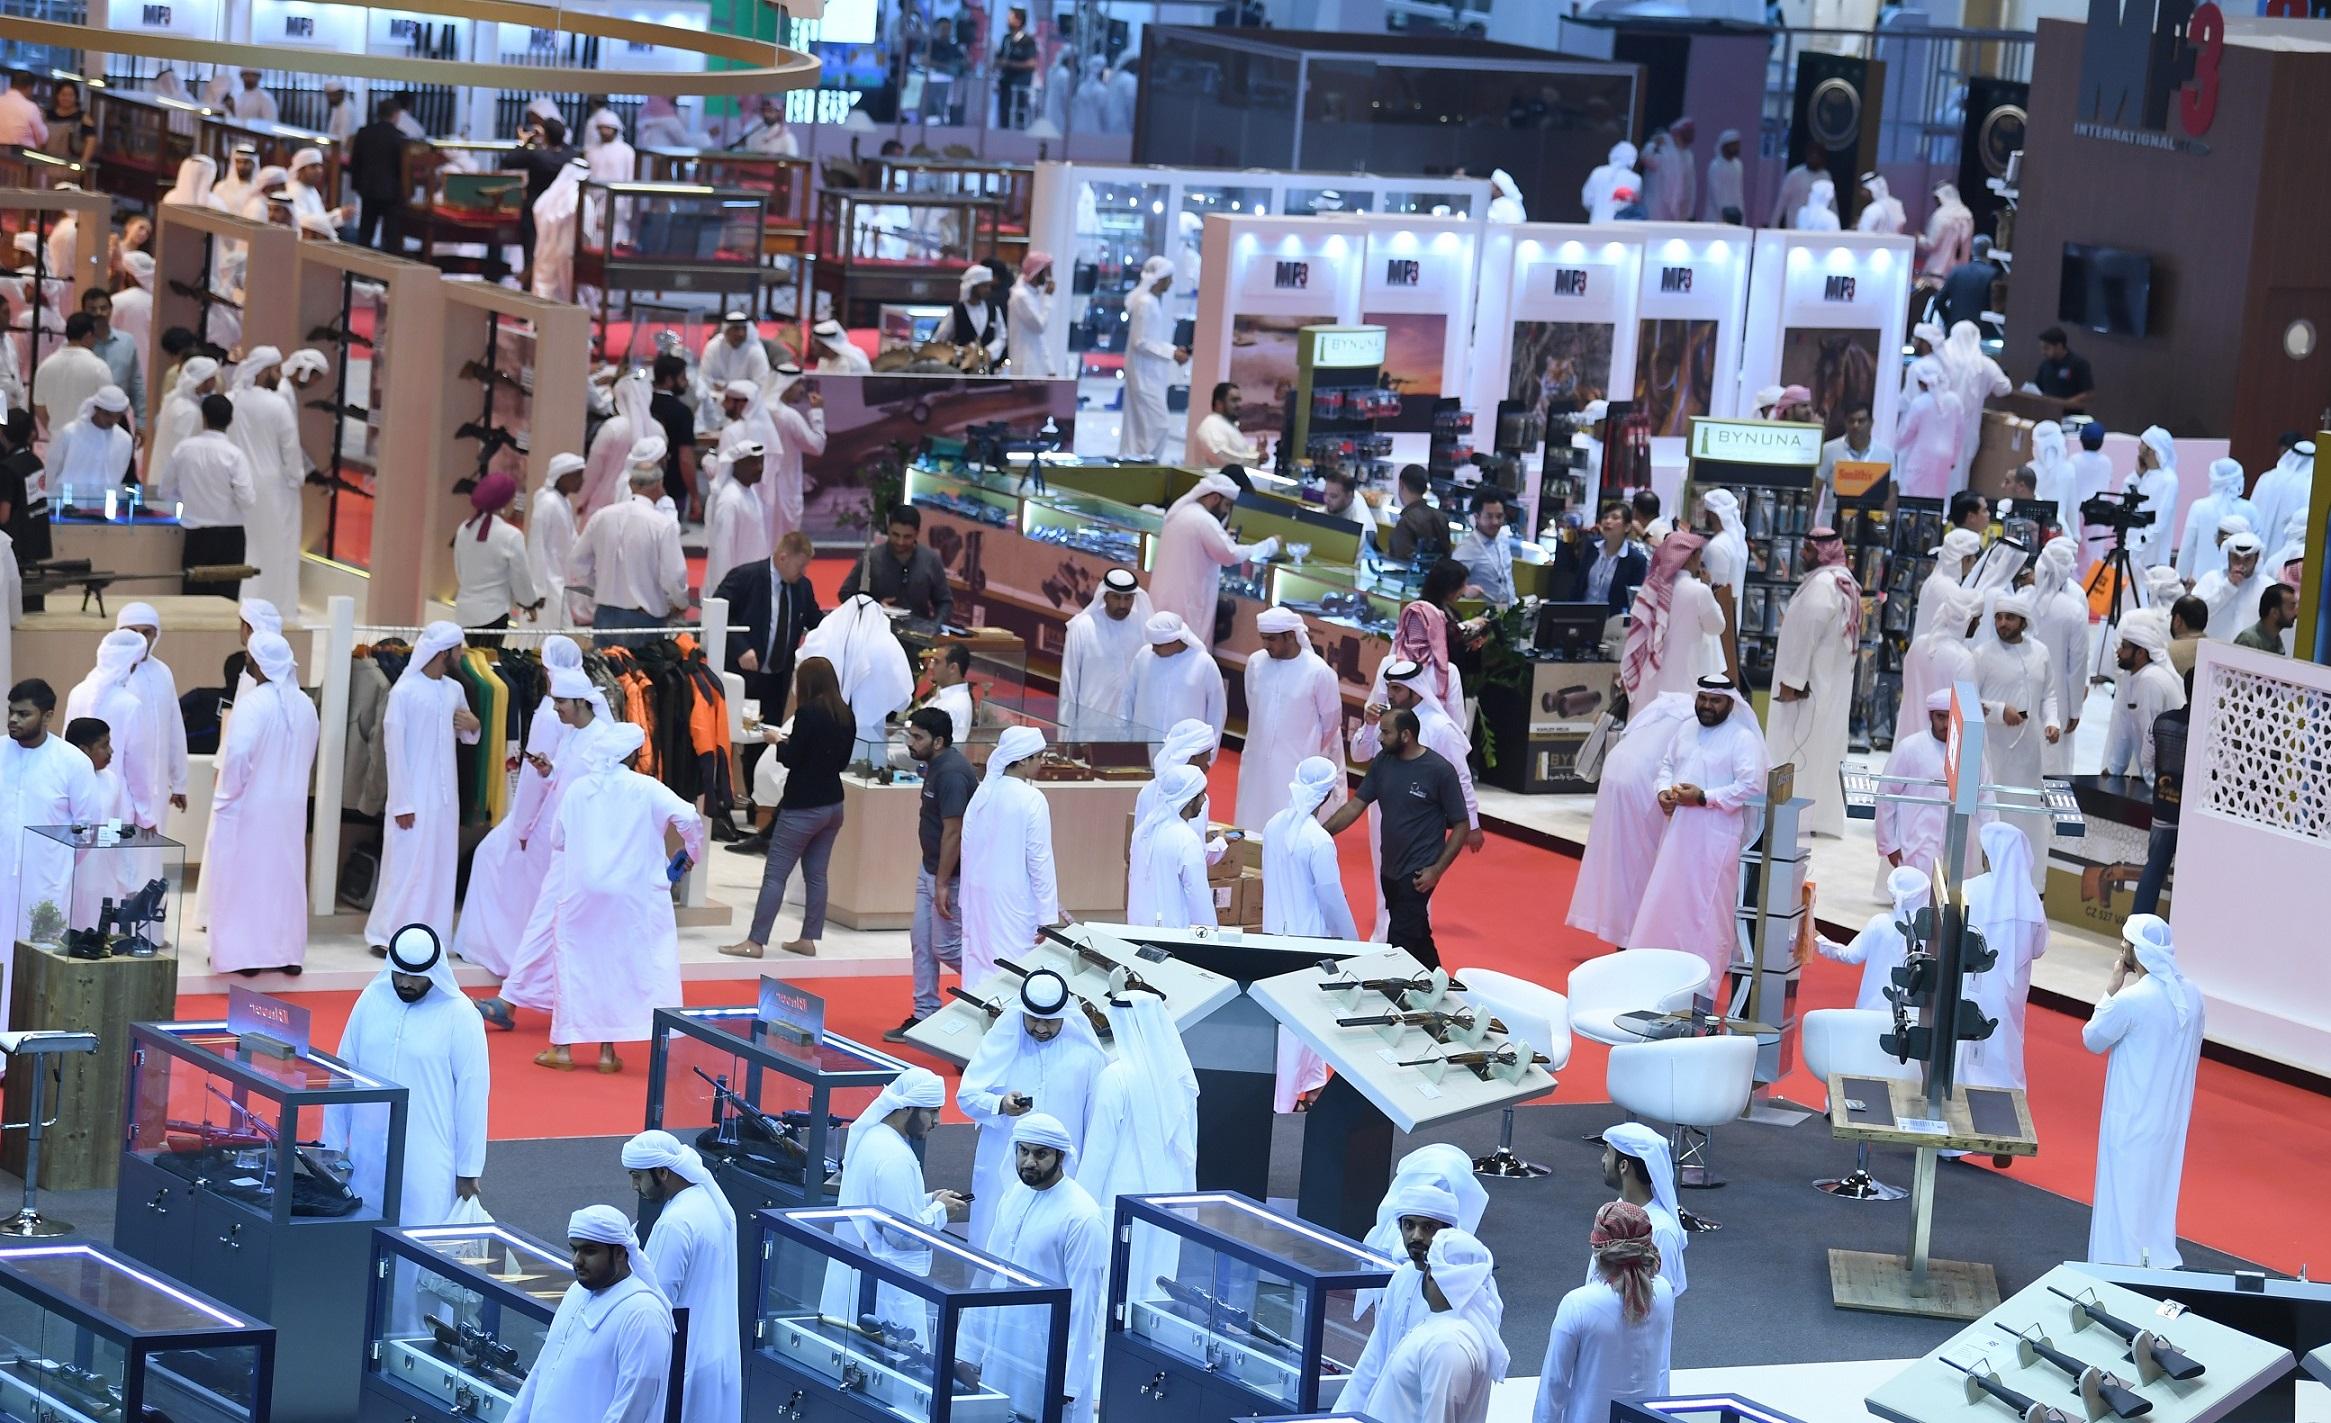 زيادة كبيرة في عدد الشركات الإماراتية بمعرض أبوظبي الدولي للصيد والفروسية